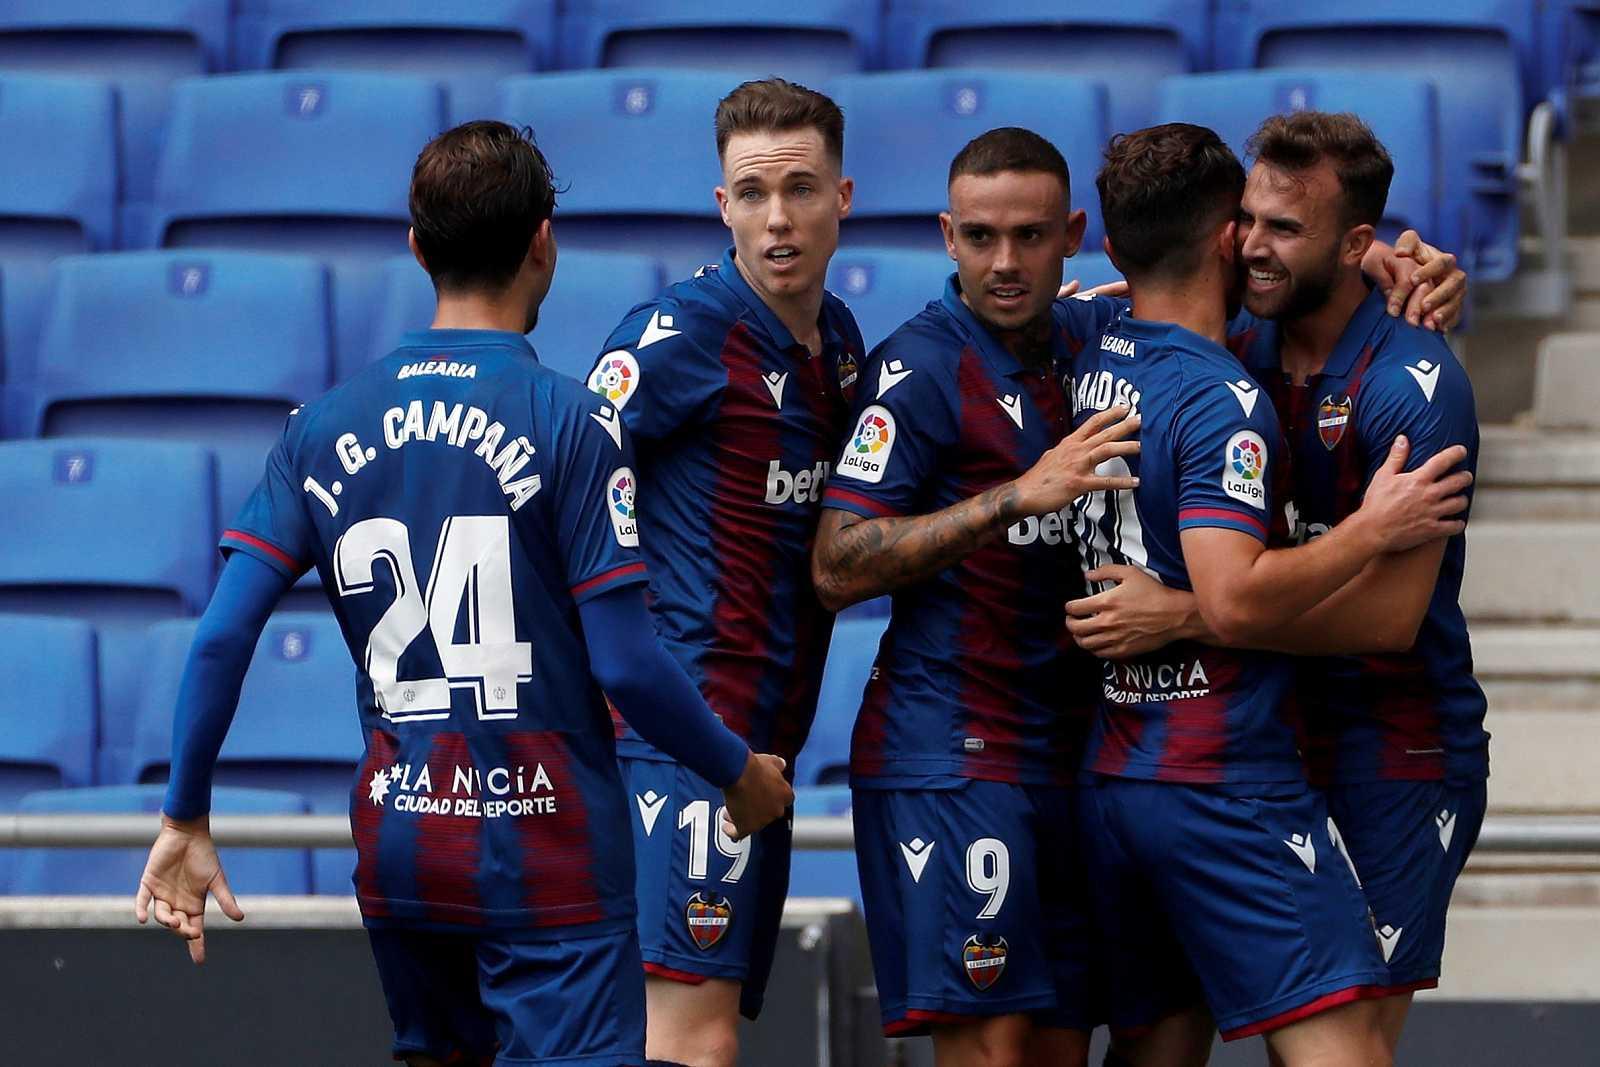 Borja Mayoral (d) celebra con sus compañeros tras marcar el 0-1 durante el encuentro perteneciente a la 30º jornada de la Liga Santander ante el RCD Espanyol.